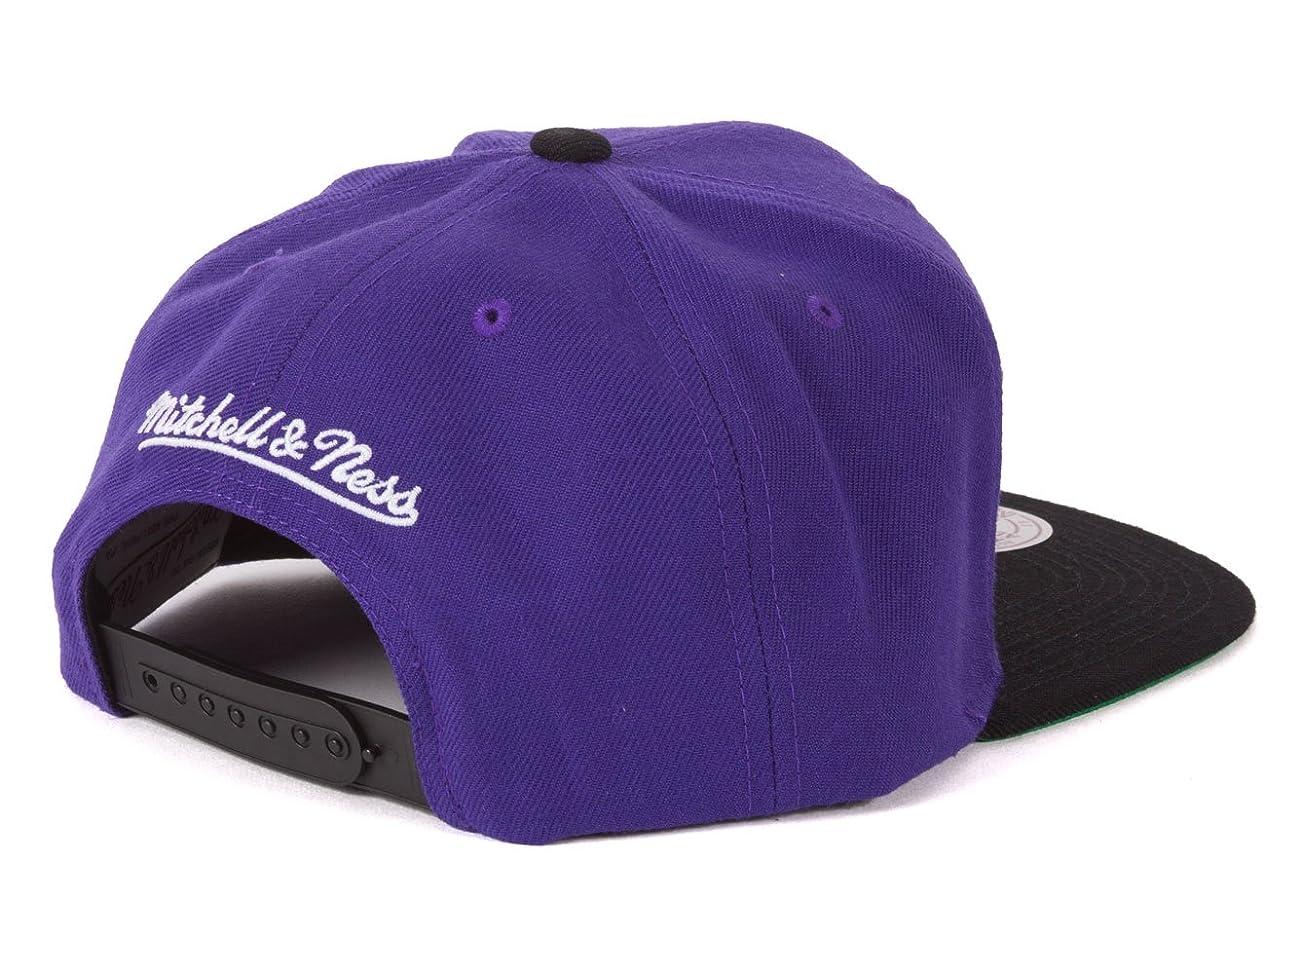 Toronto Raptors 2-Tone Vintage Snap back Hat 2